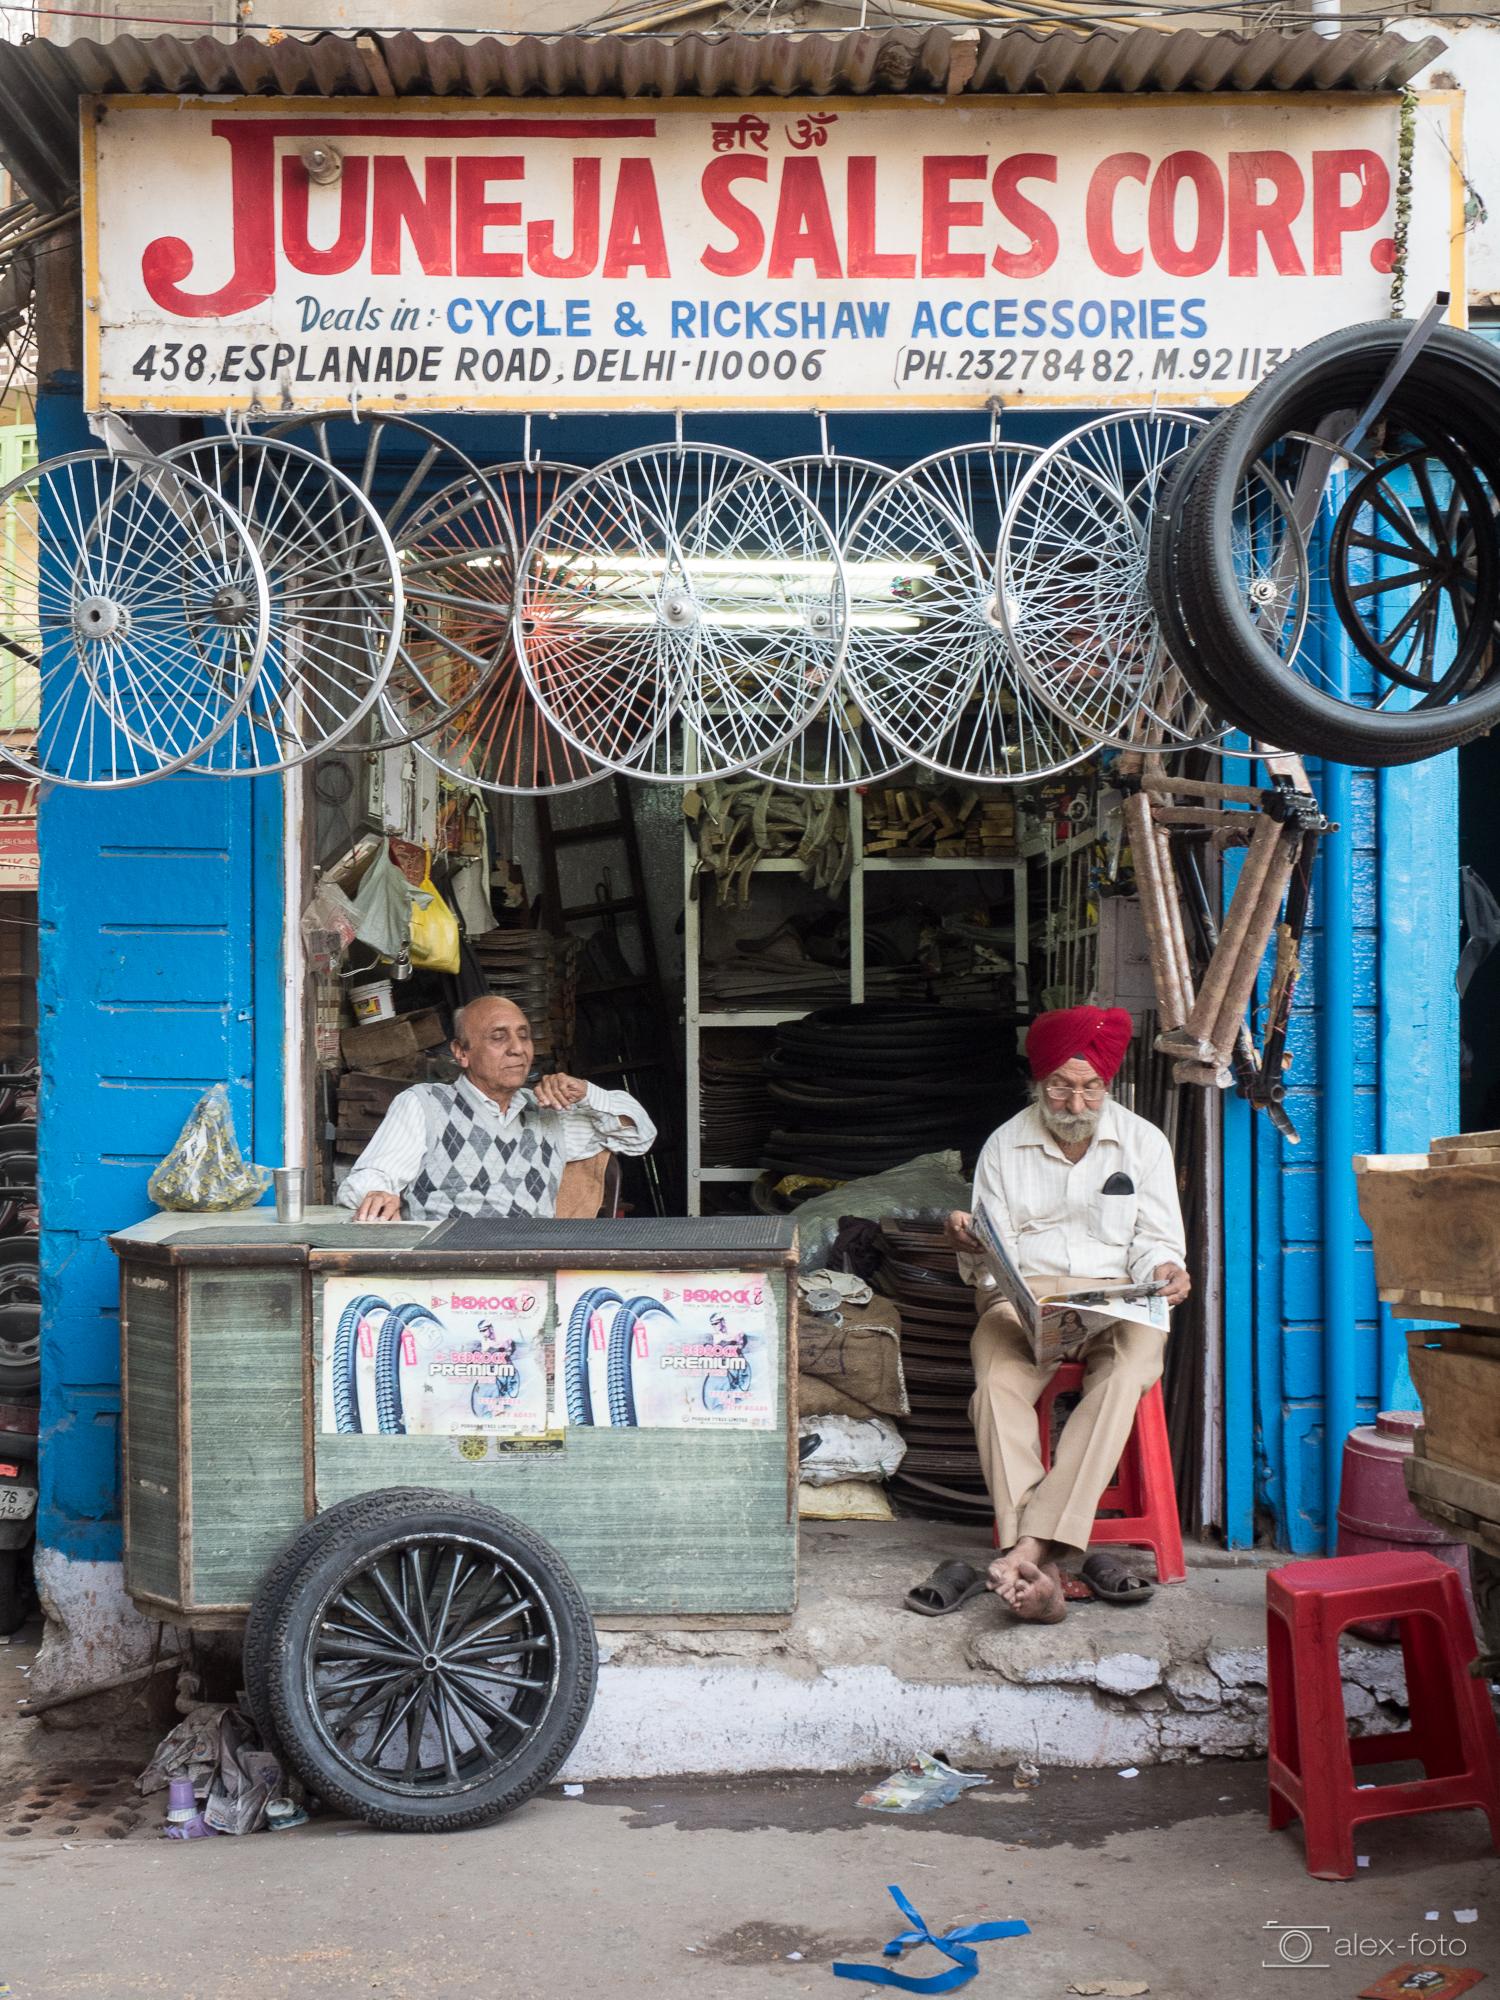 Lichtwert-BestOf_ThomasAlex_023_Old Delhi.jpg